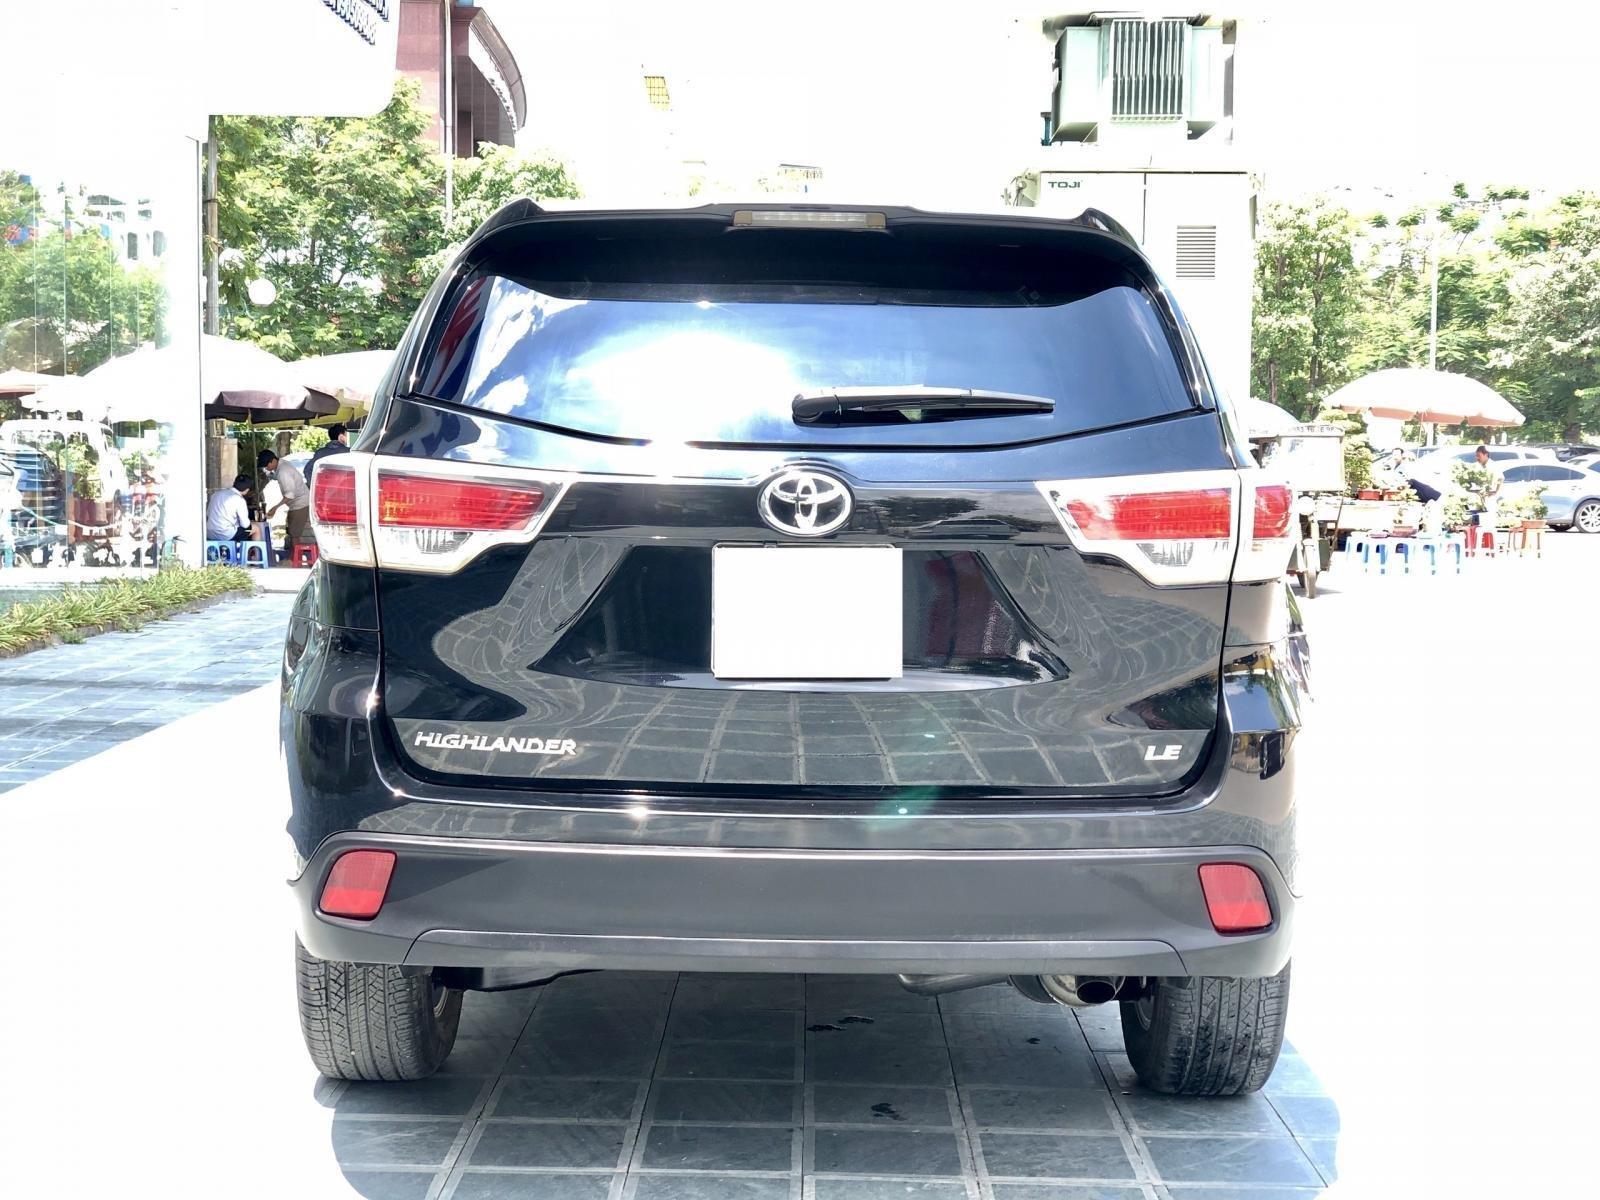 Bán Toyota Highlander SX 2014 siêu đẹp, LH Ms Hương 0945.39.2468 (12)